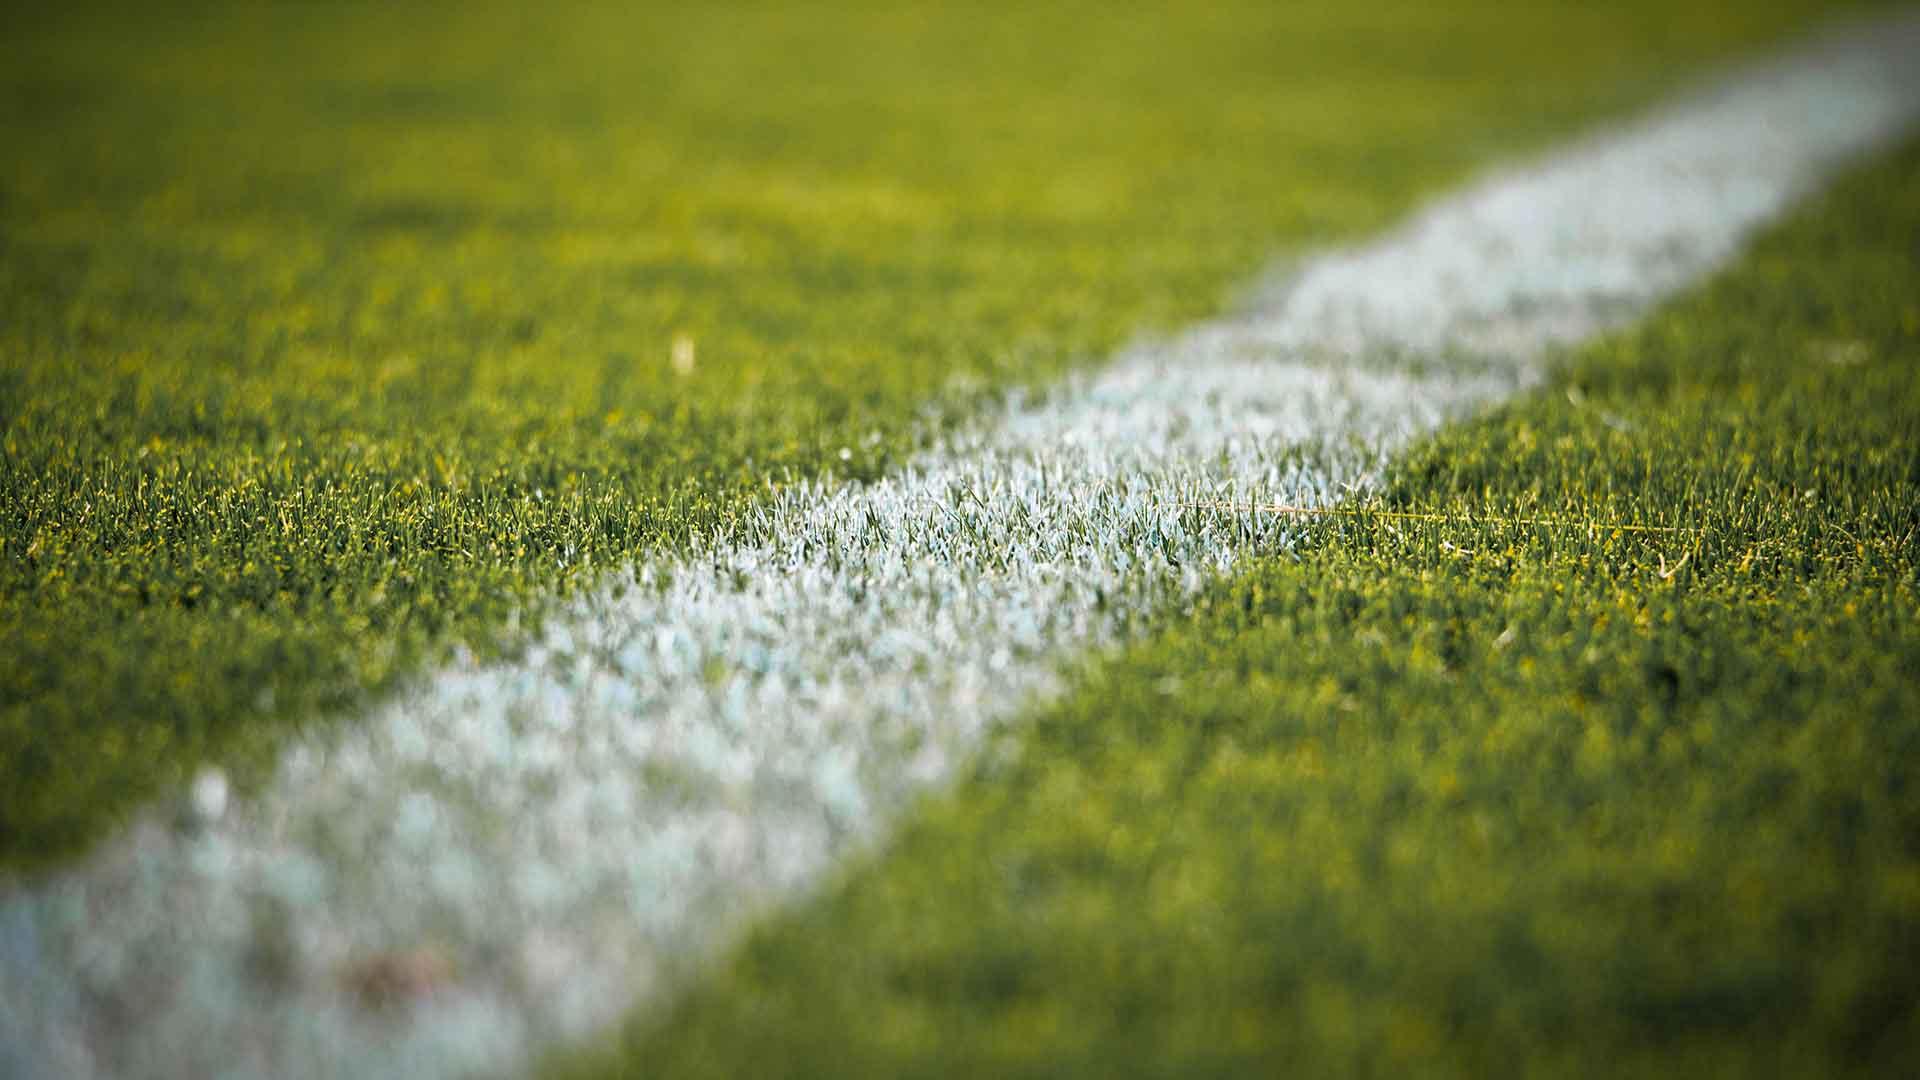 Fußballplatz Rasen Linie Rollrasen